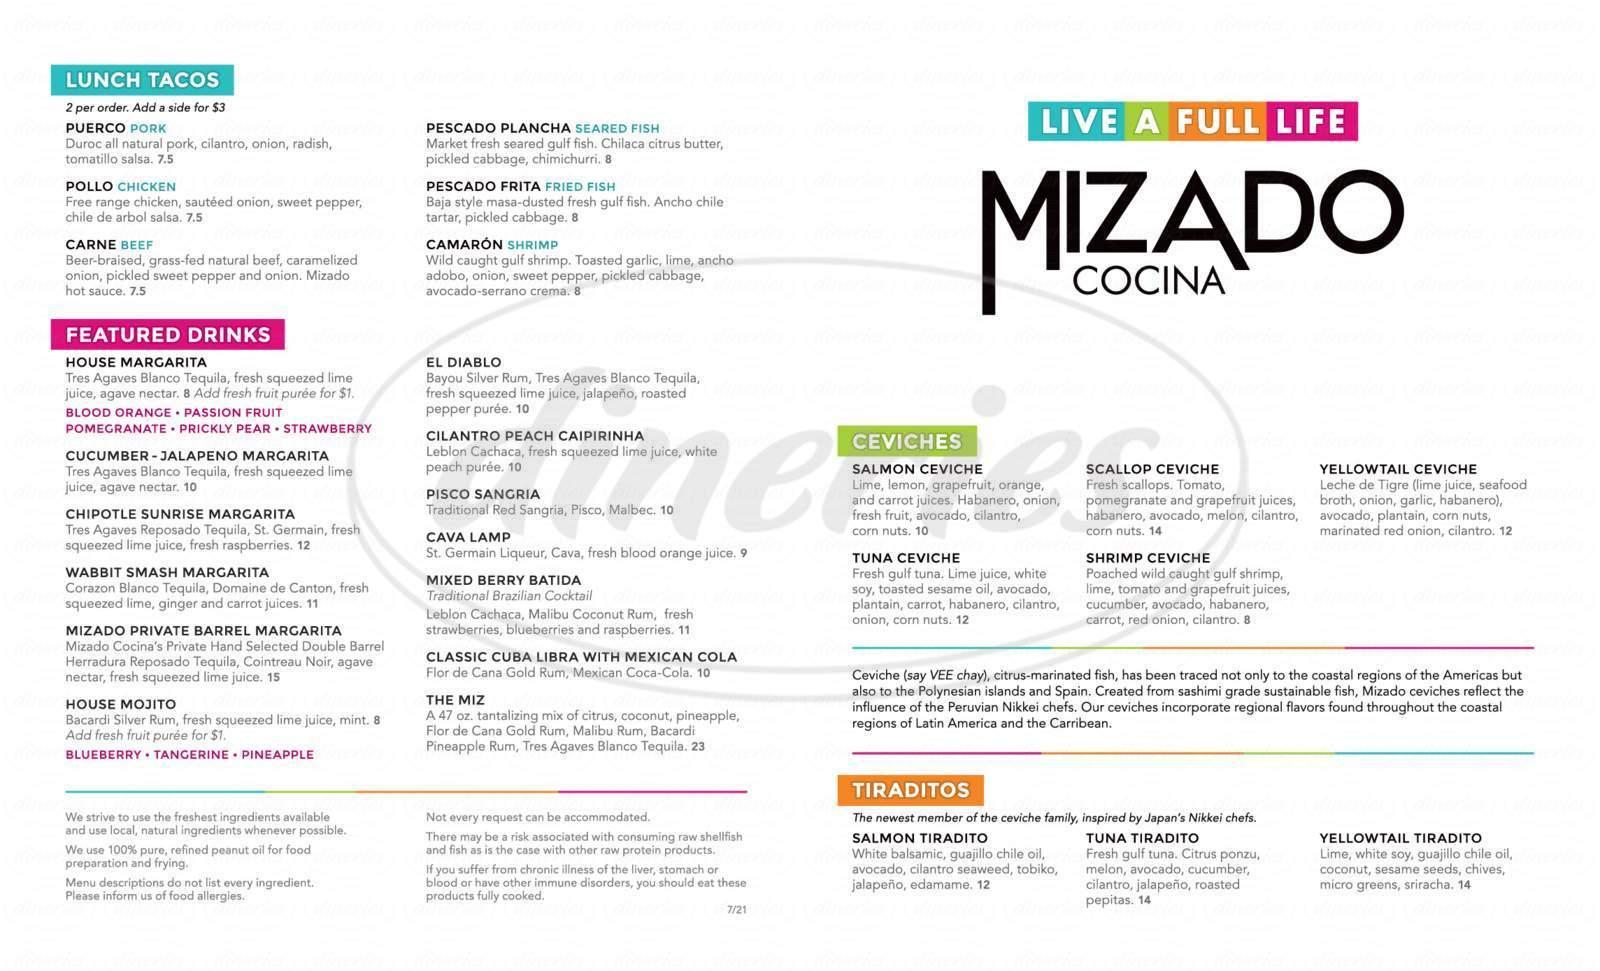 menu for Mizado Cocina